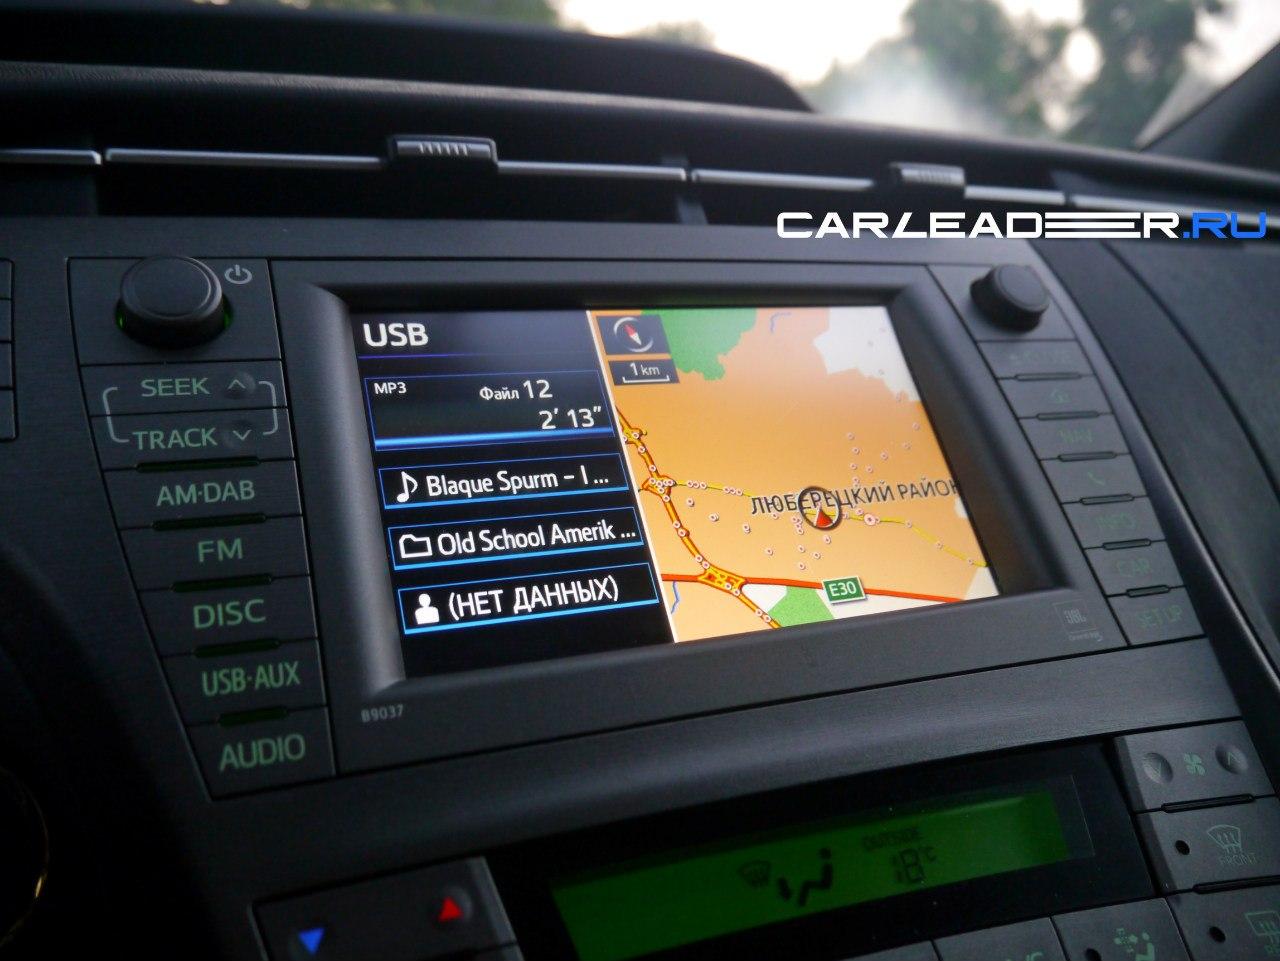 Цветной экран радует сочными цветами и хорошим разрешением, но огорчает нюансами. К примеру, у нас не вышло включить полноразмерный вид аудио-части. Включается, но ненадолго. Затем экран разбивается пополам. Неудобно. Как отключить навигацию?